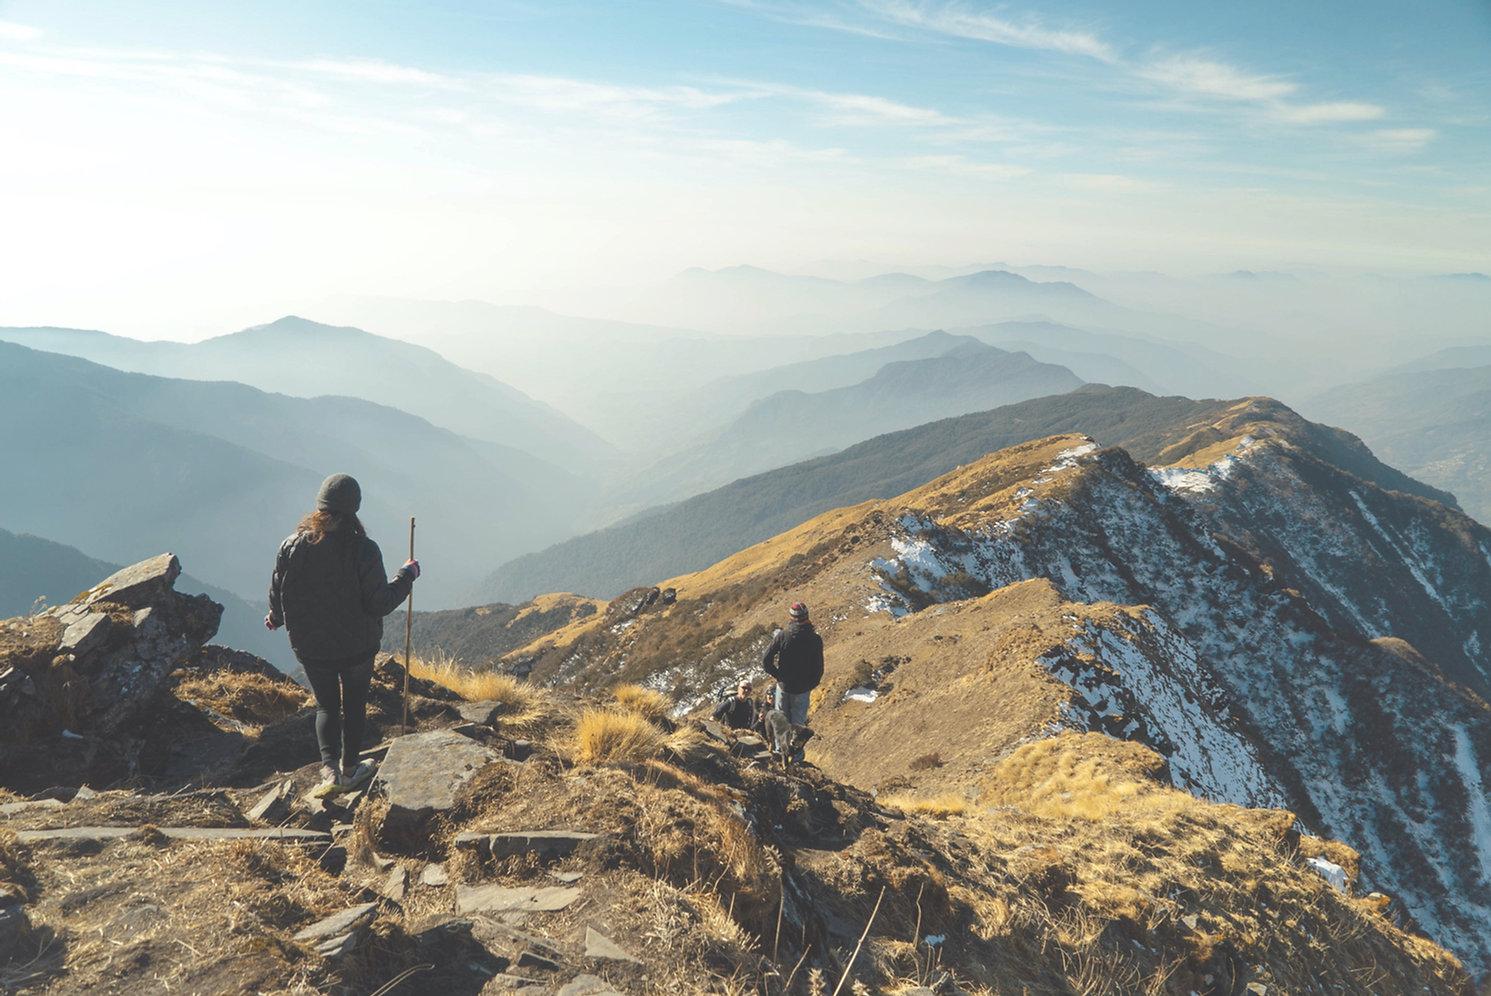 Hikers_edited_edited.jpg